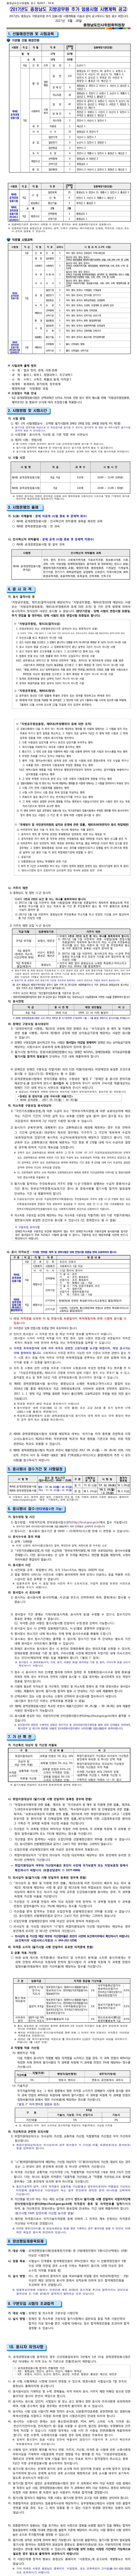 2017 충남 지방공무원 추가 임용시험 시행계획 공고